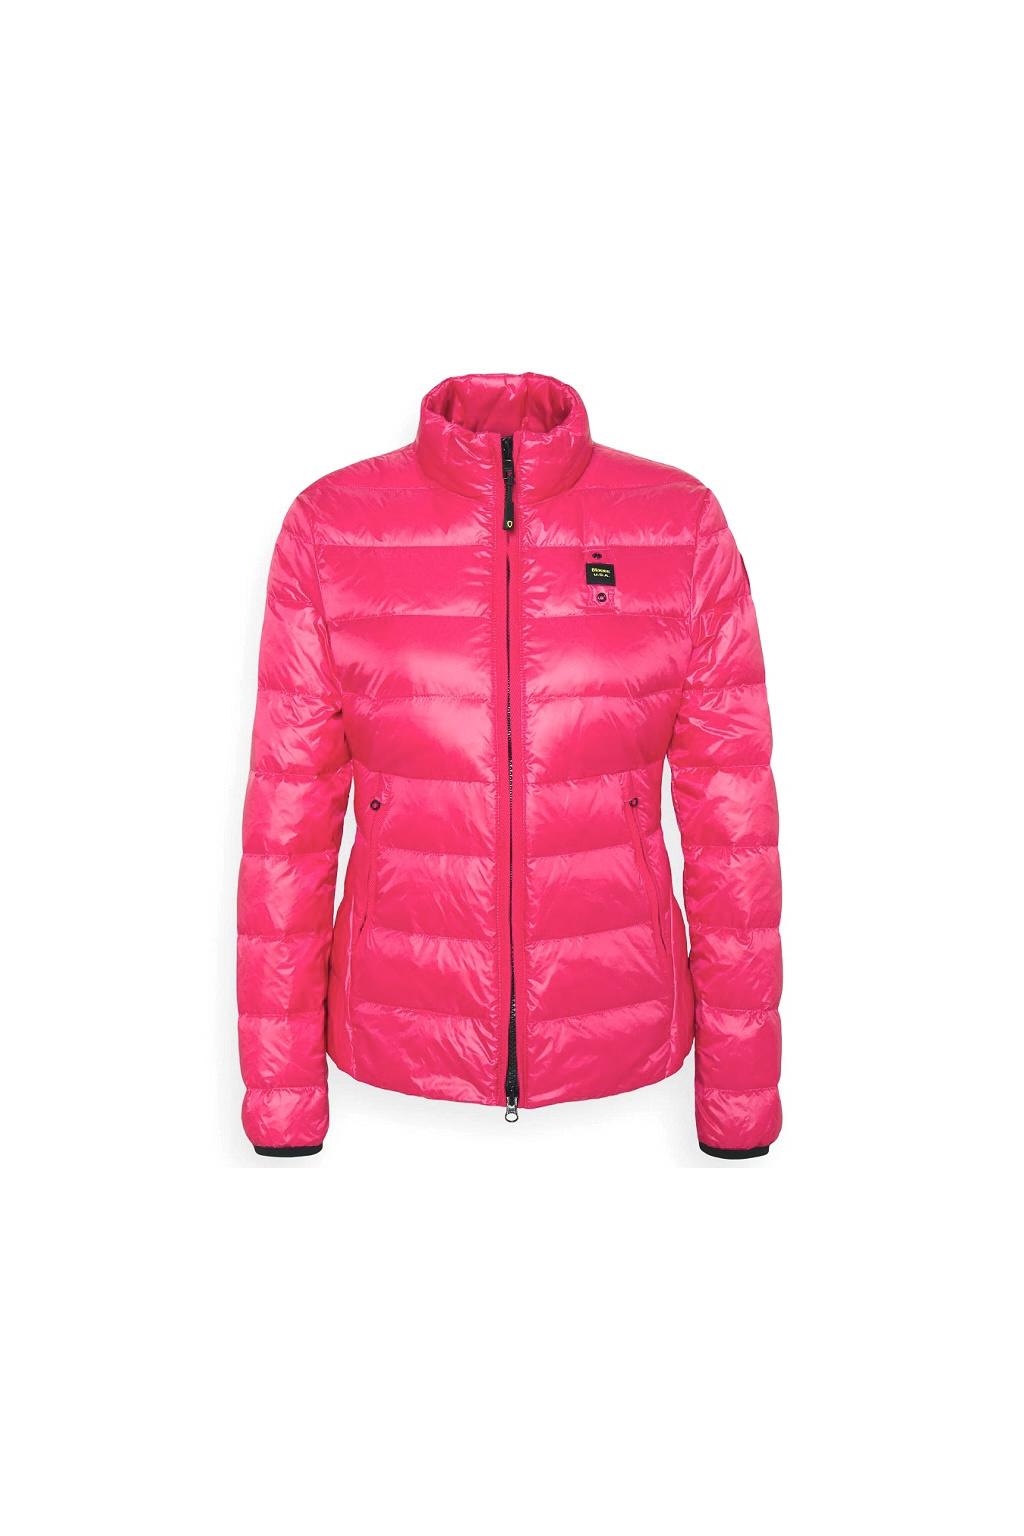 21SBLDC03022 534 Dámská péřová bunda Blauer růžová